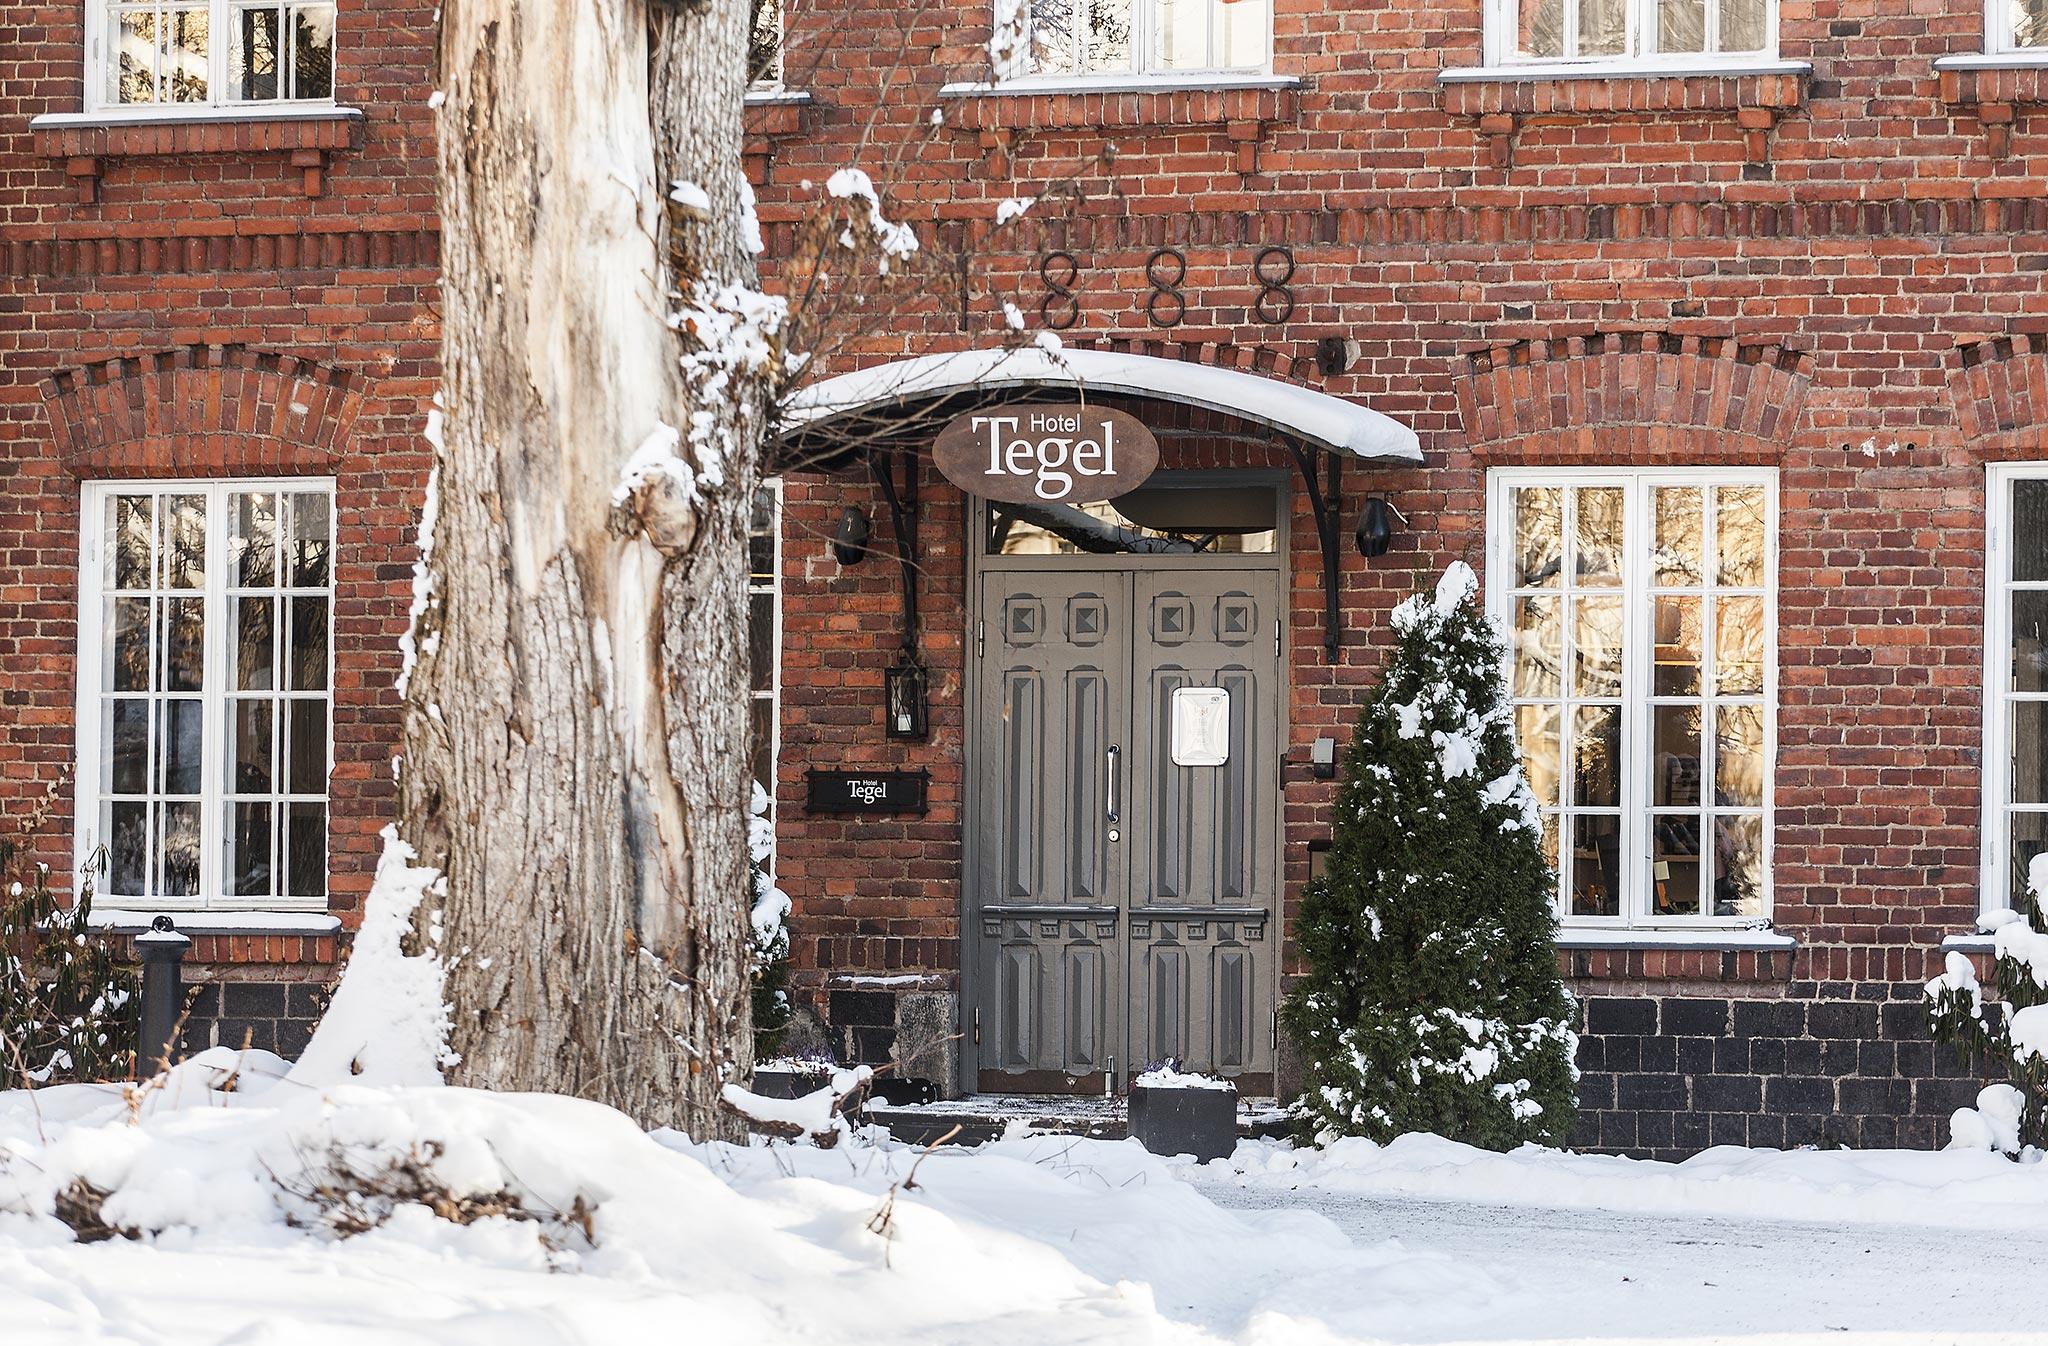 Hotel Tegel © Fiskars Village